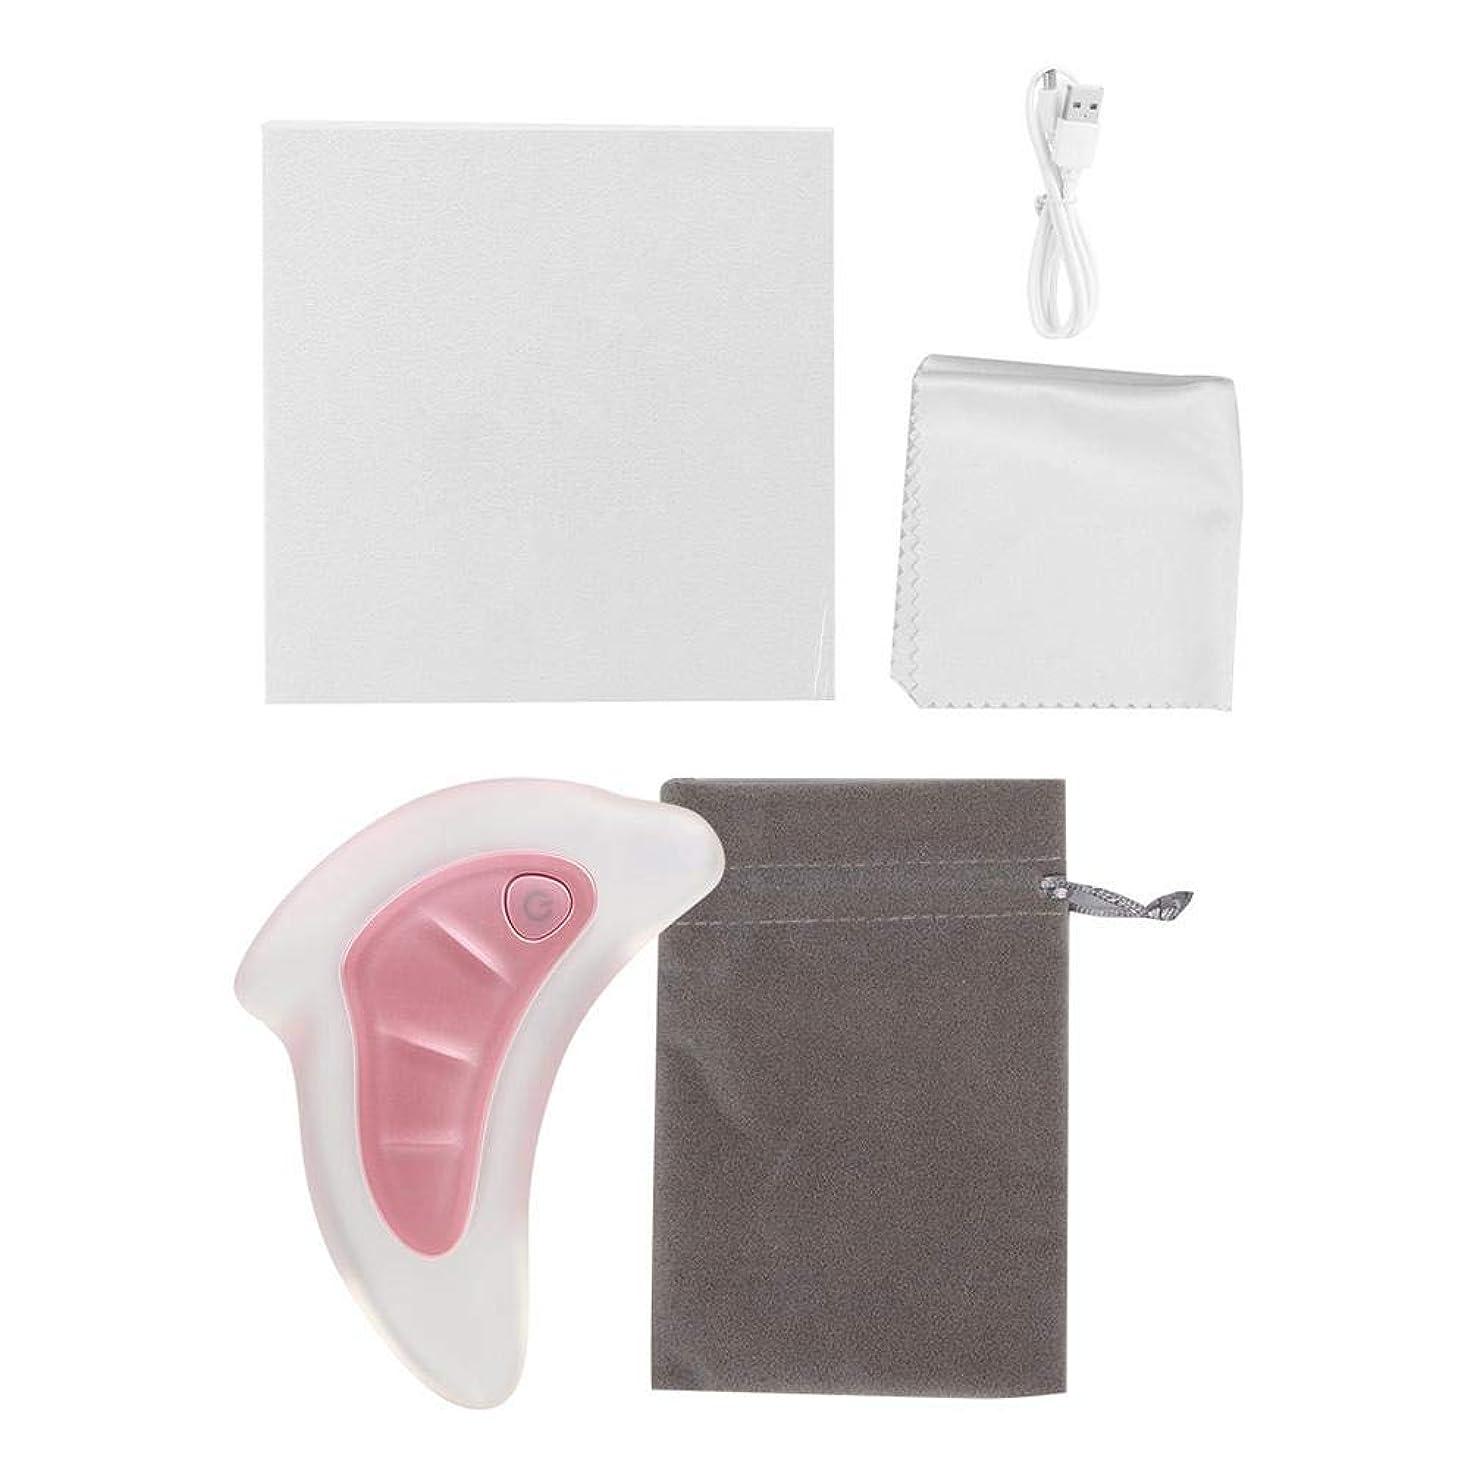 地下丁寧スーパー2色スクレーピングマッサージャー - フェイスリフティングスクレーパー、グアシャツール - アンチエイジング、アンチリンクルマッサージ&フェイシャルグアシャ、カラフルなライトを廃棄するための楽器(ピンク)